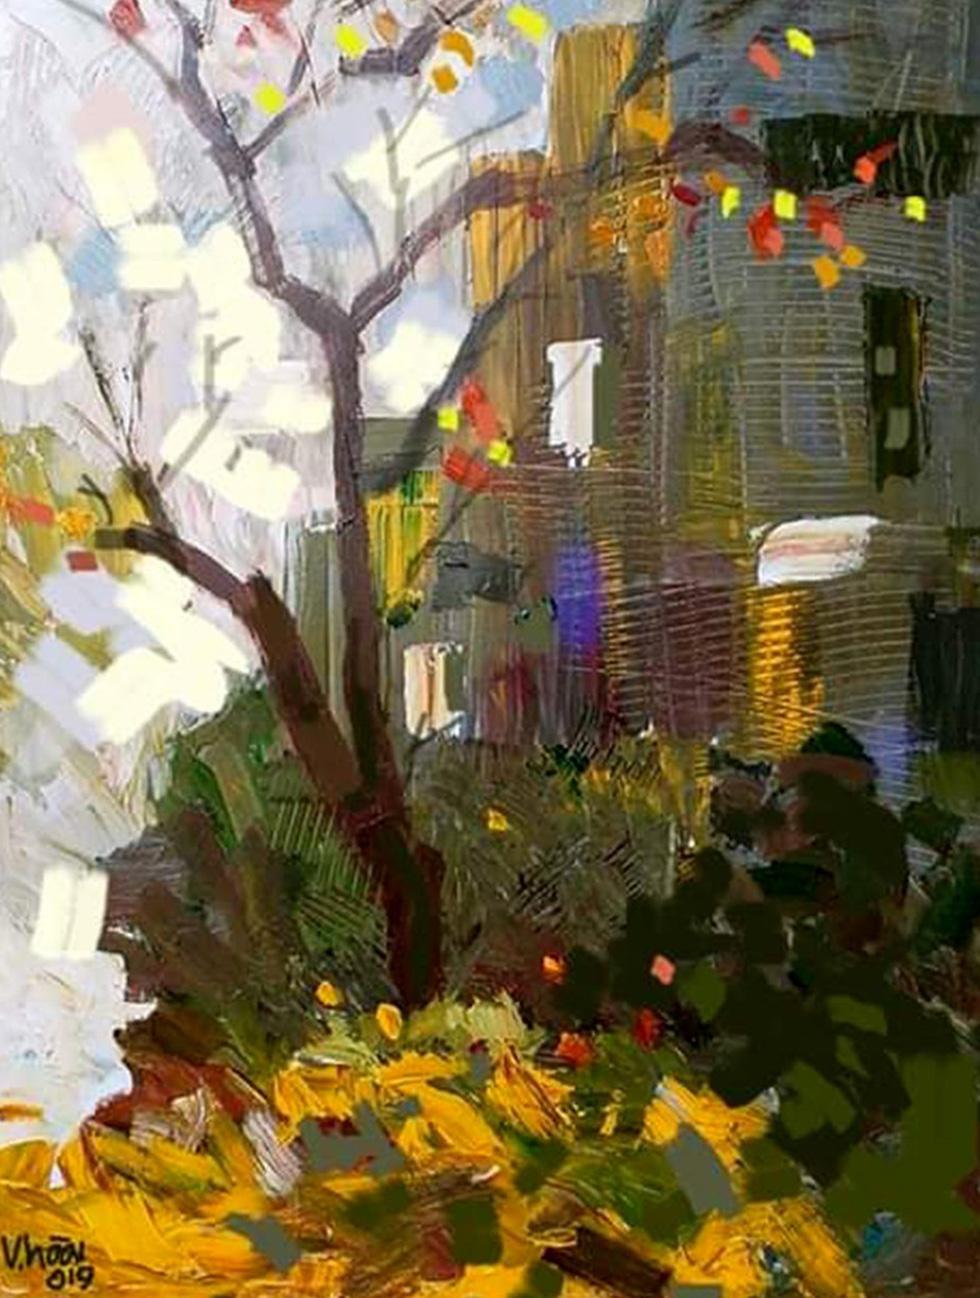 Đến bảo tàng Mỹ thuật TP.HCM xem 22 nghệ sĩ phiêu với hội họa - Ảnh 2.